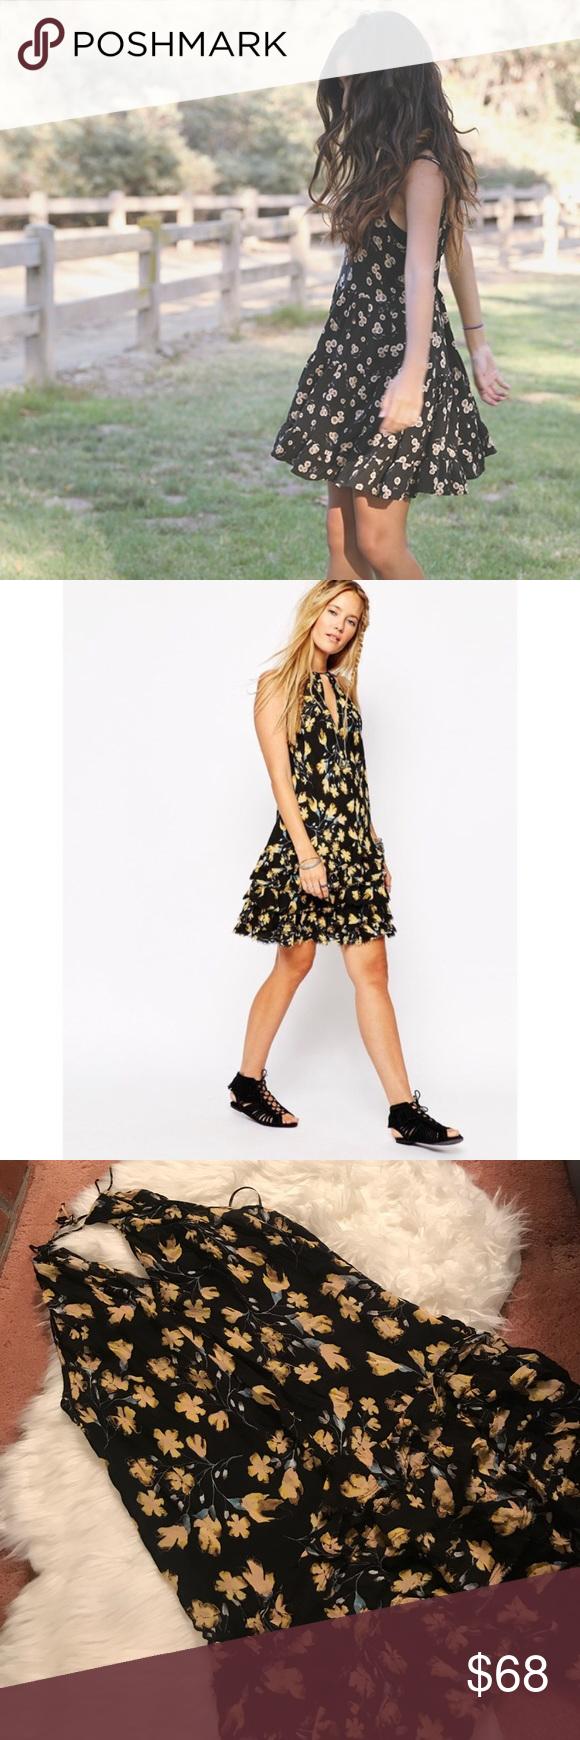 Nwt Free People Black Floral Tiered Mini Dress Dresses Mini Dress Pretty Dresses [ 1740 x 580 Pixel ]